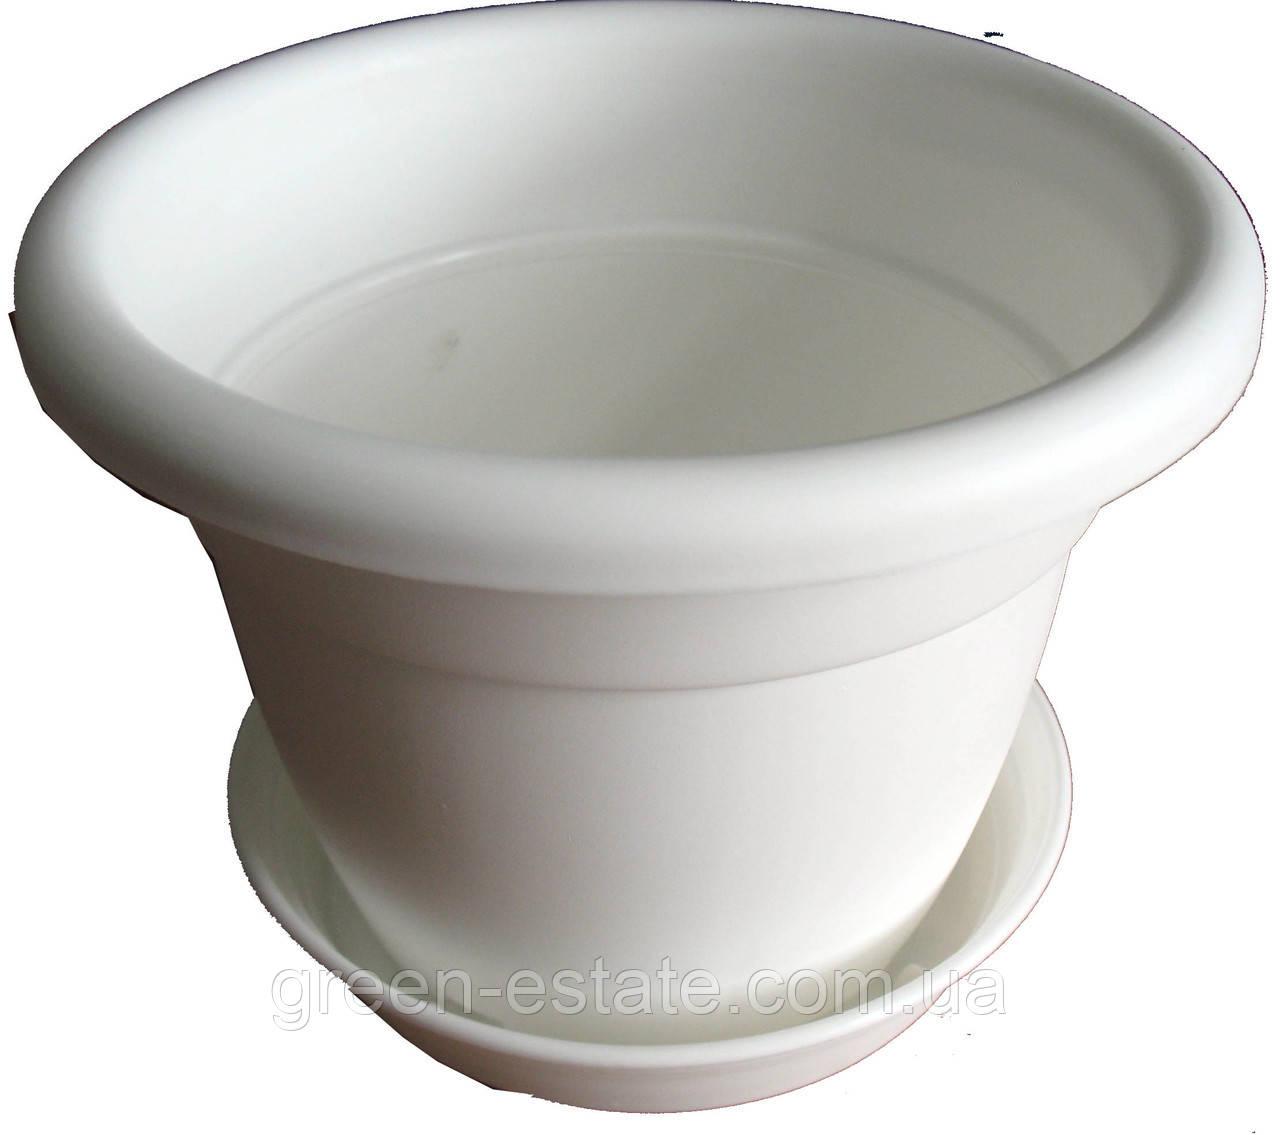 Вазон Антик 15 1,7 л белый